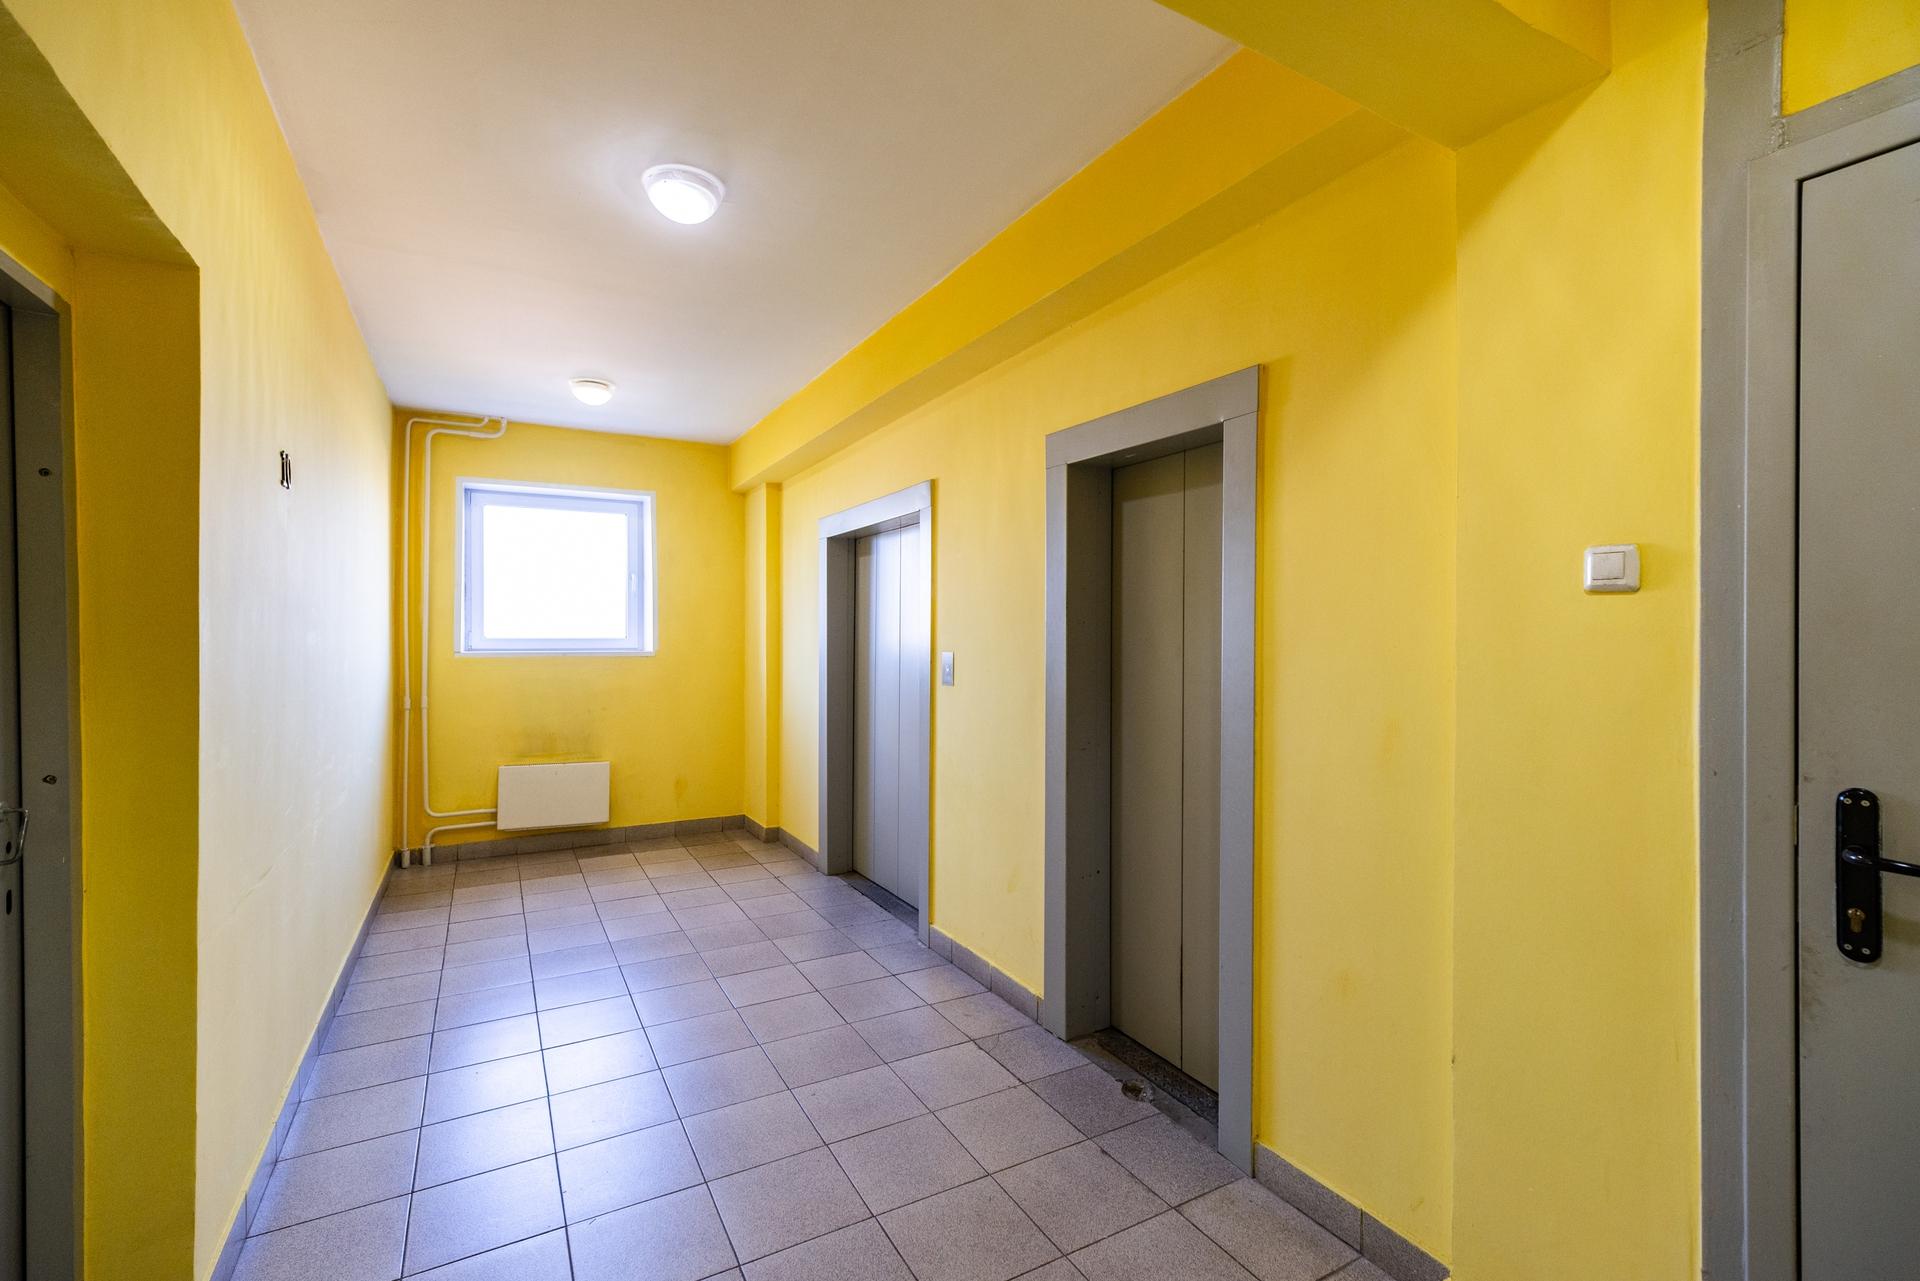 Квартира в доме монолит-кирпич! 16